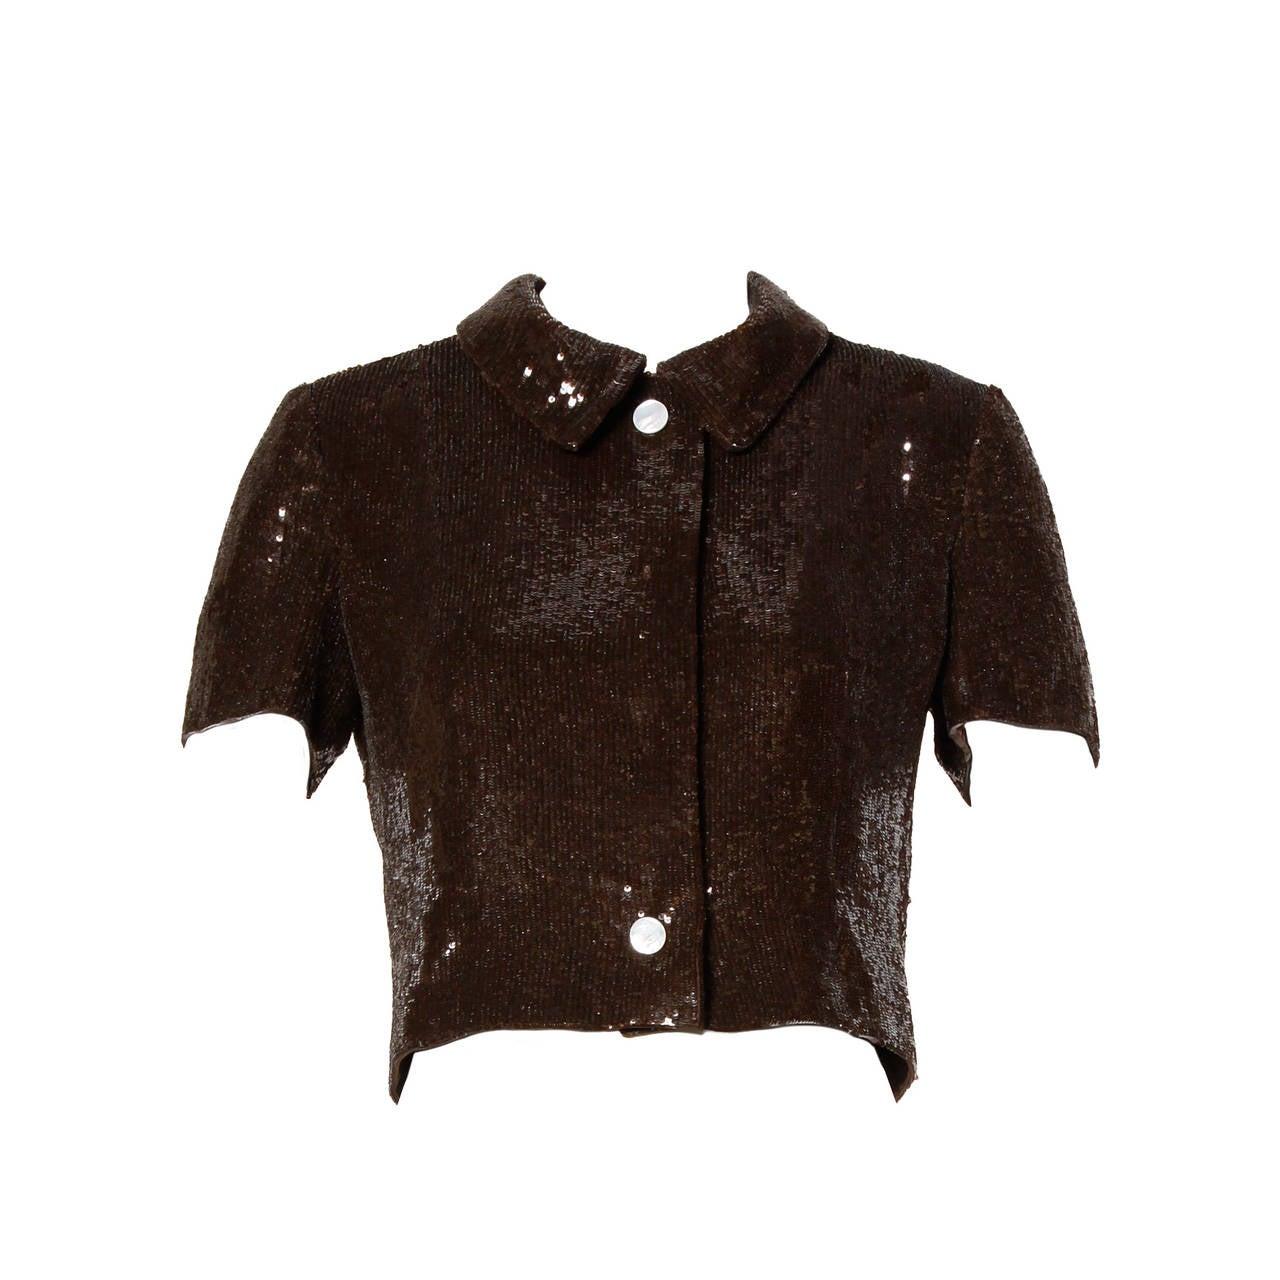 Oscar de la Renta Brown Silk Sequin Jacket or Top